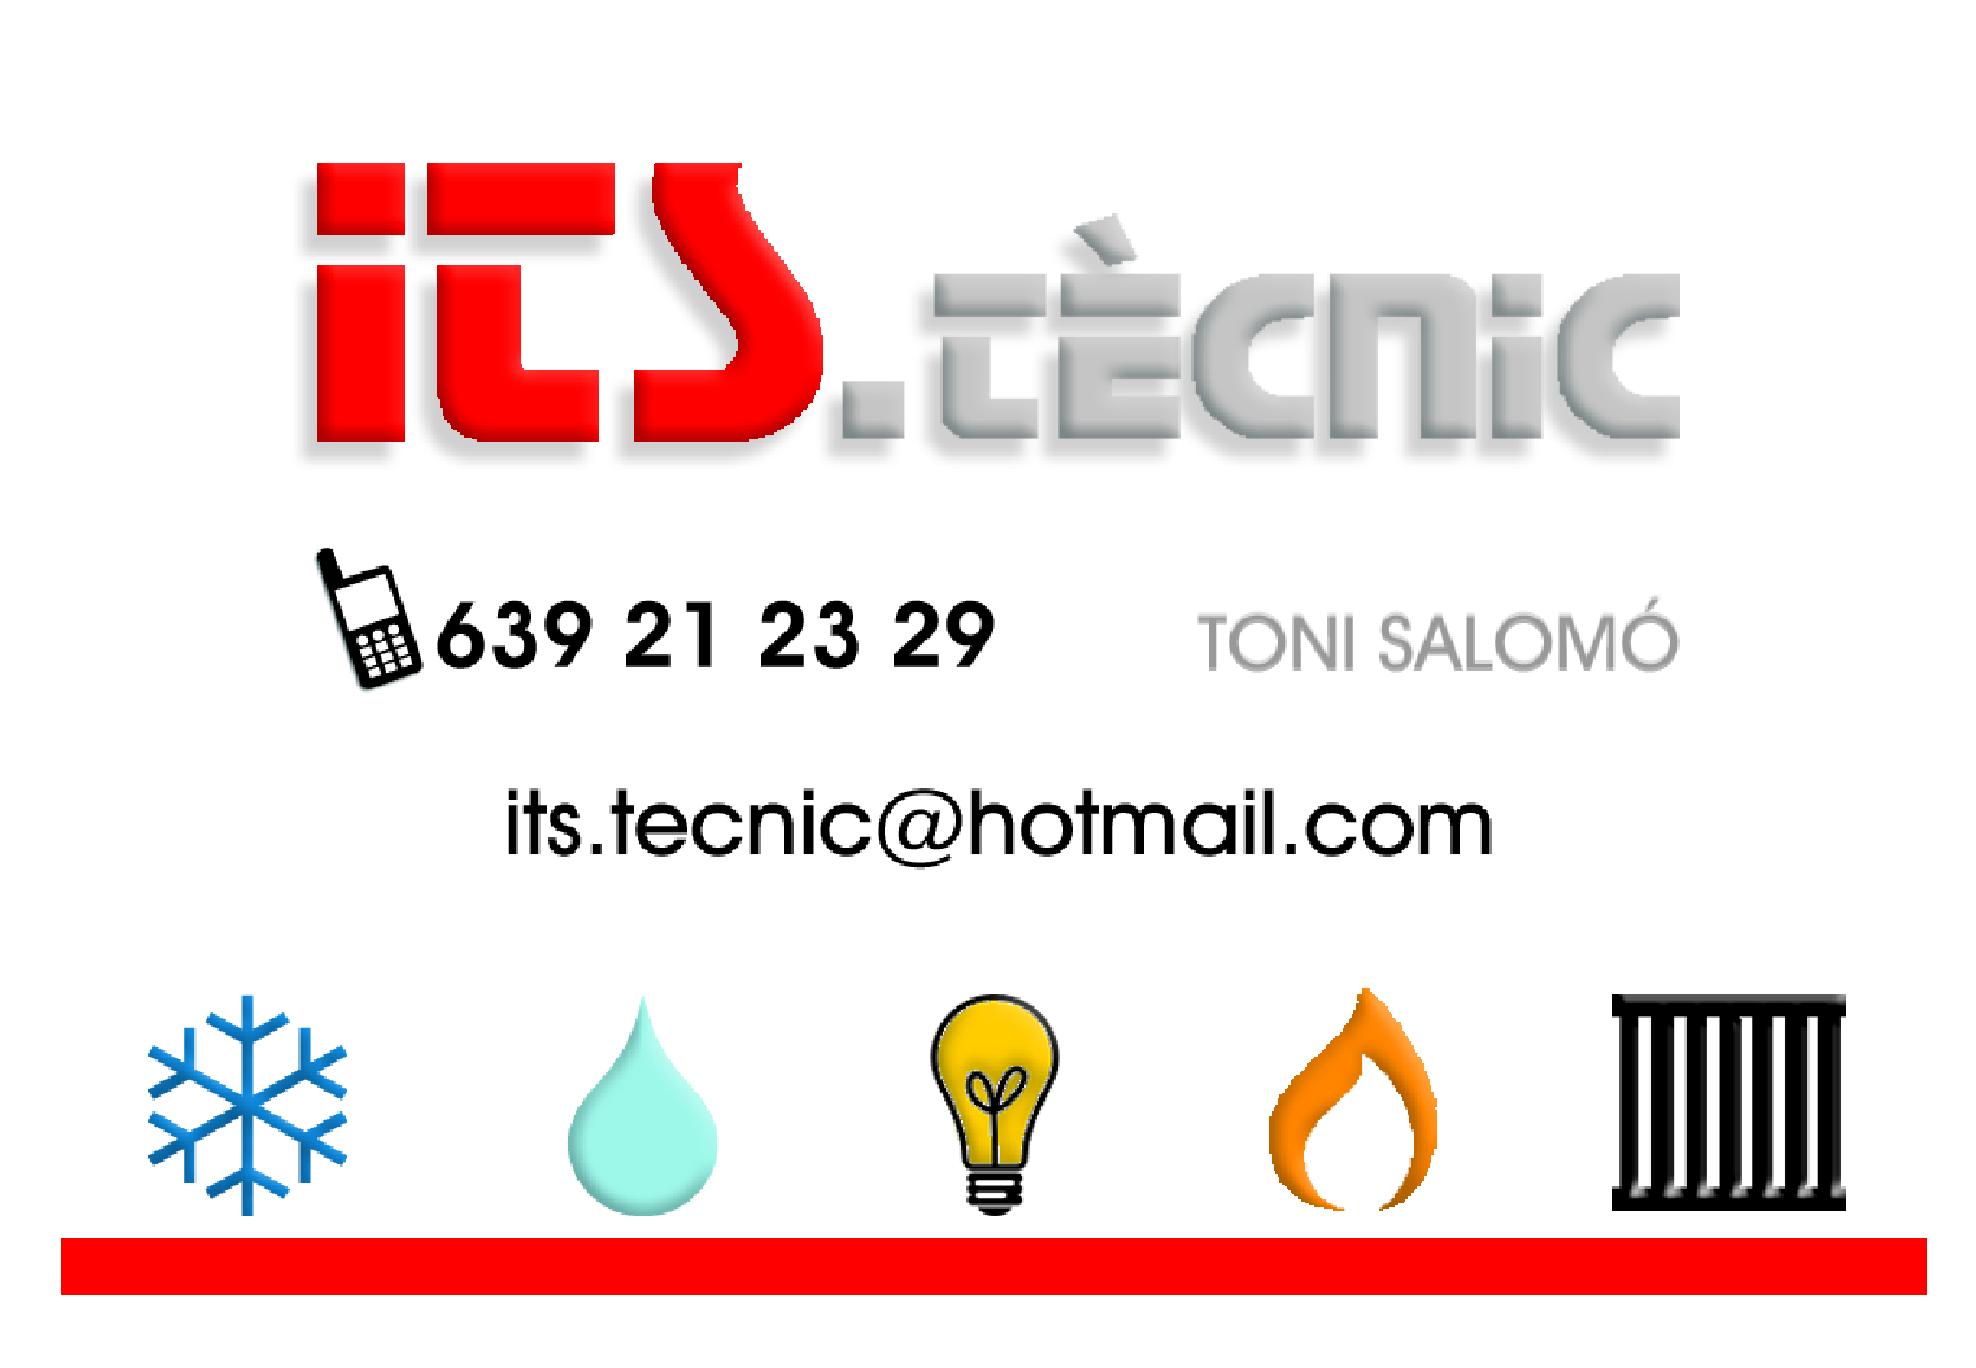 Its.tecnic